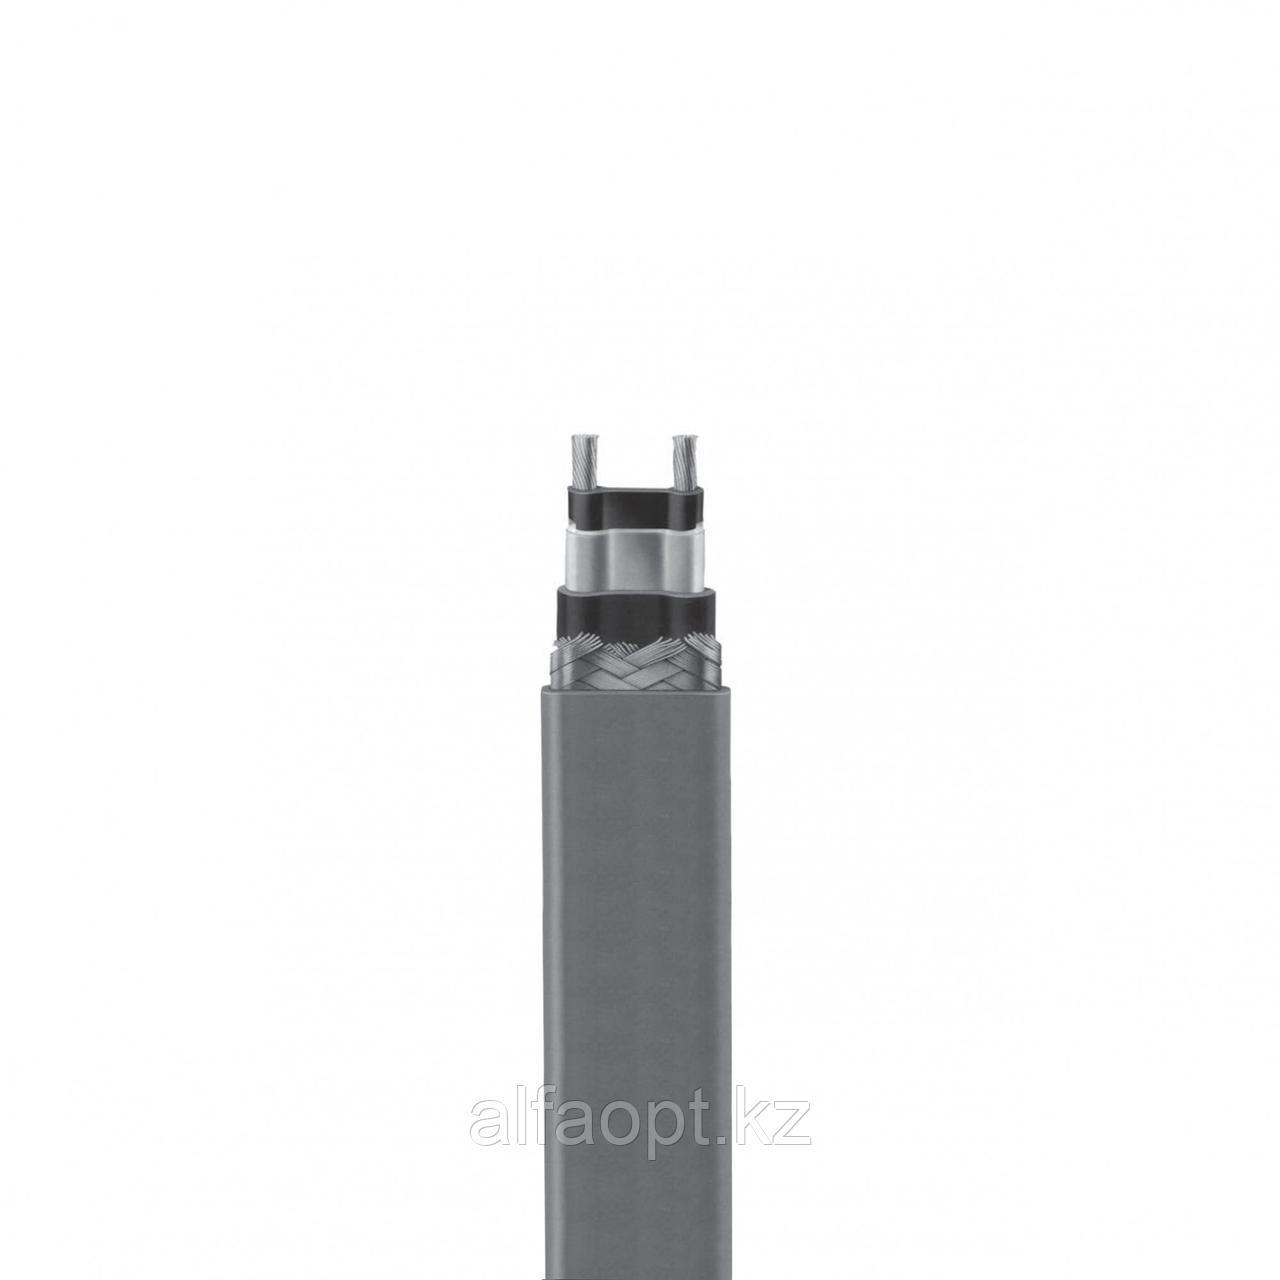 Саморегулирующийся нагревательный кабель NELSON LT-210 – J